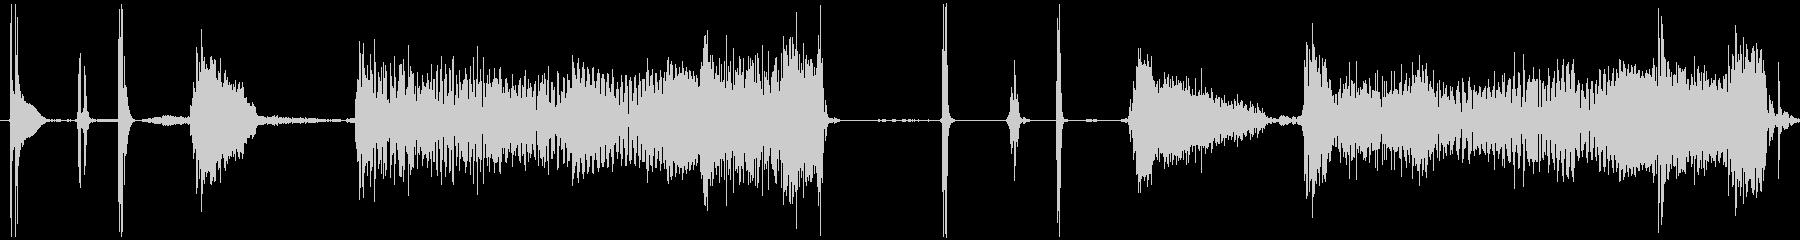 【ワウ/ギター/わかちこアイキャッチ】の未再生の波形